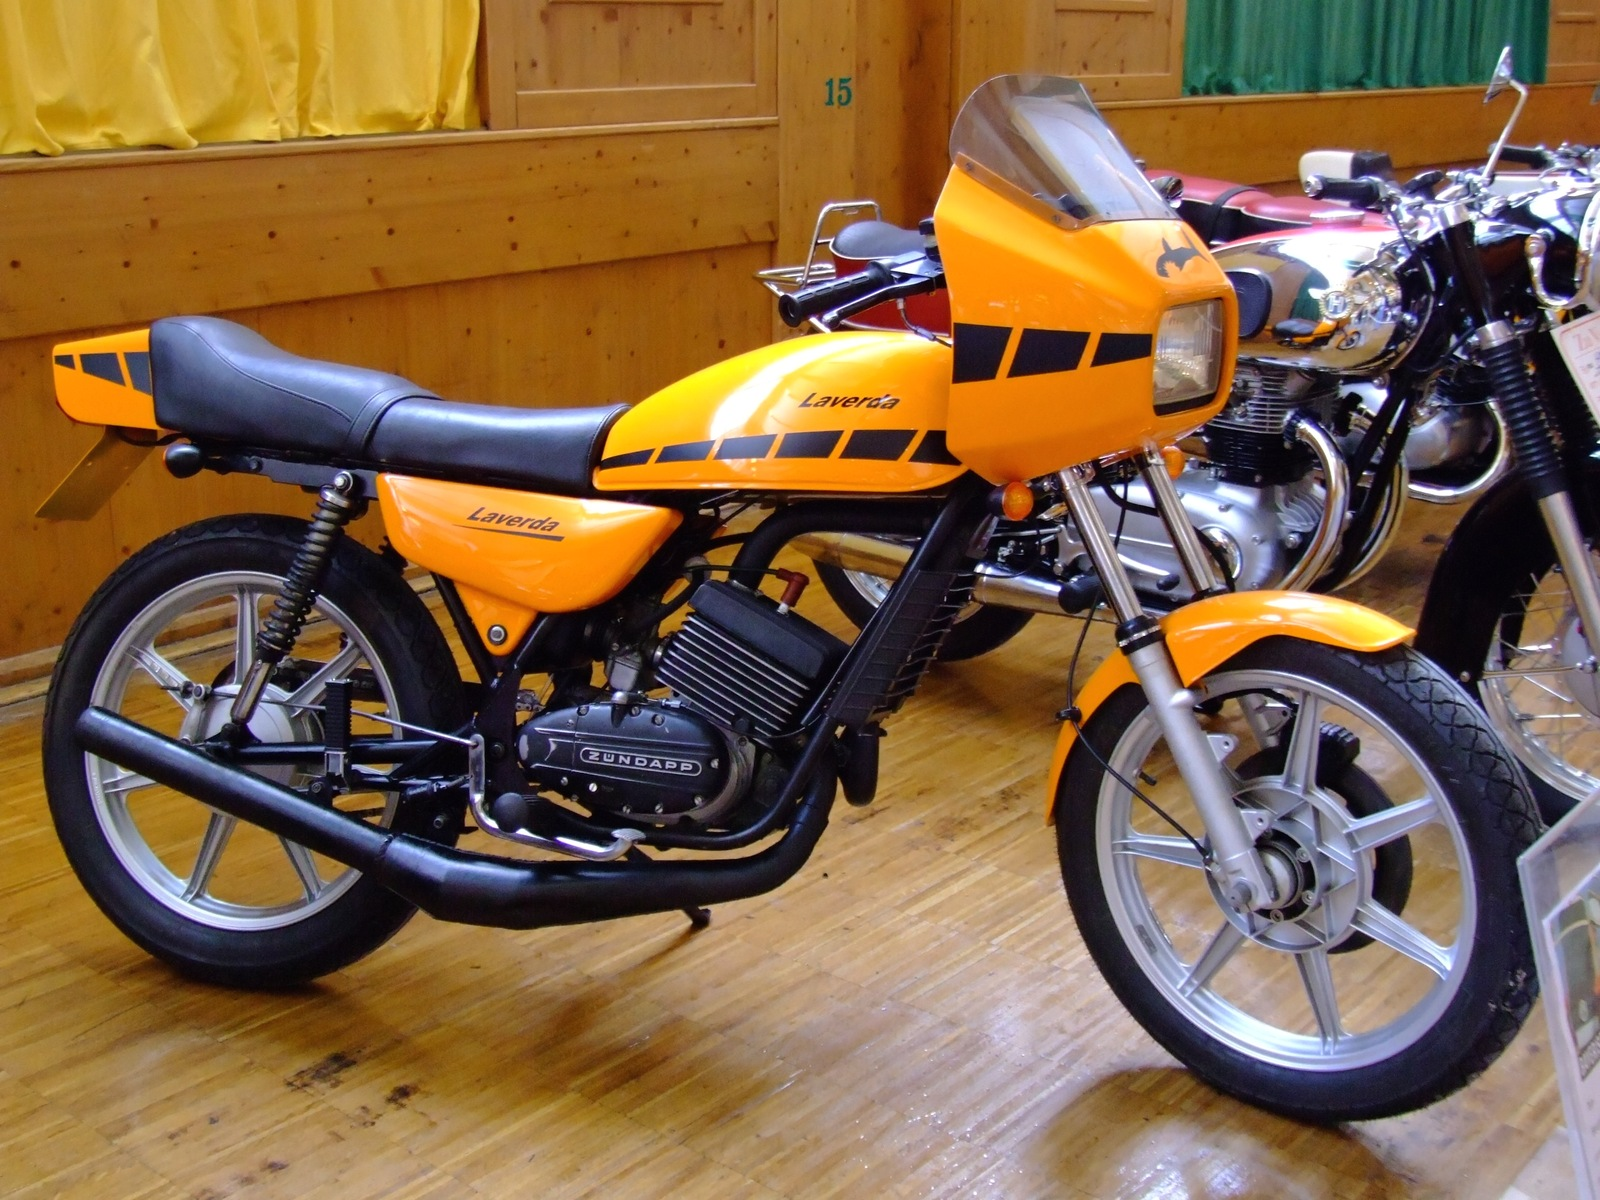 Suzuki Motorcycles